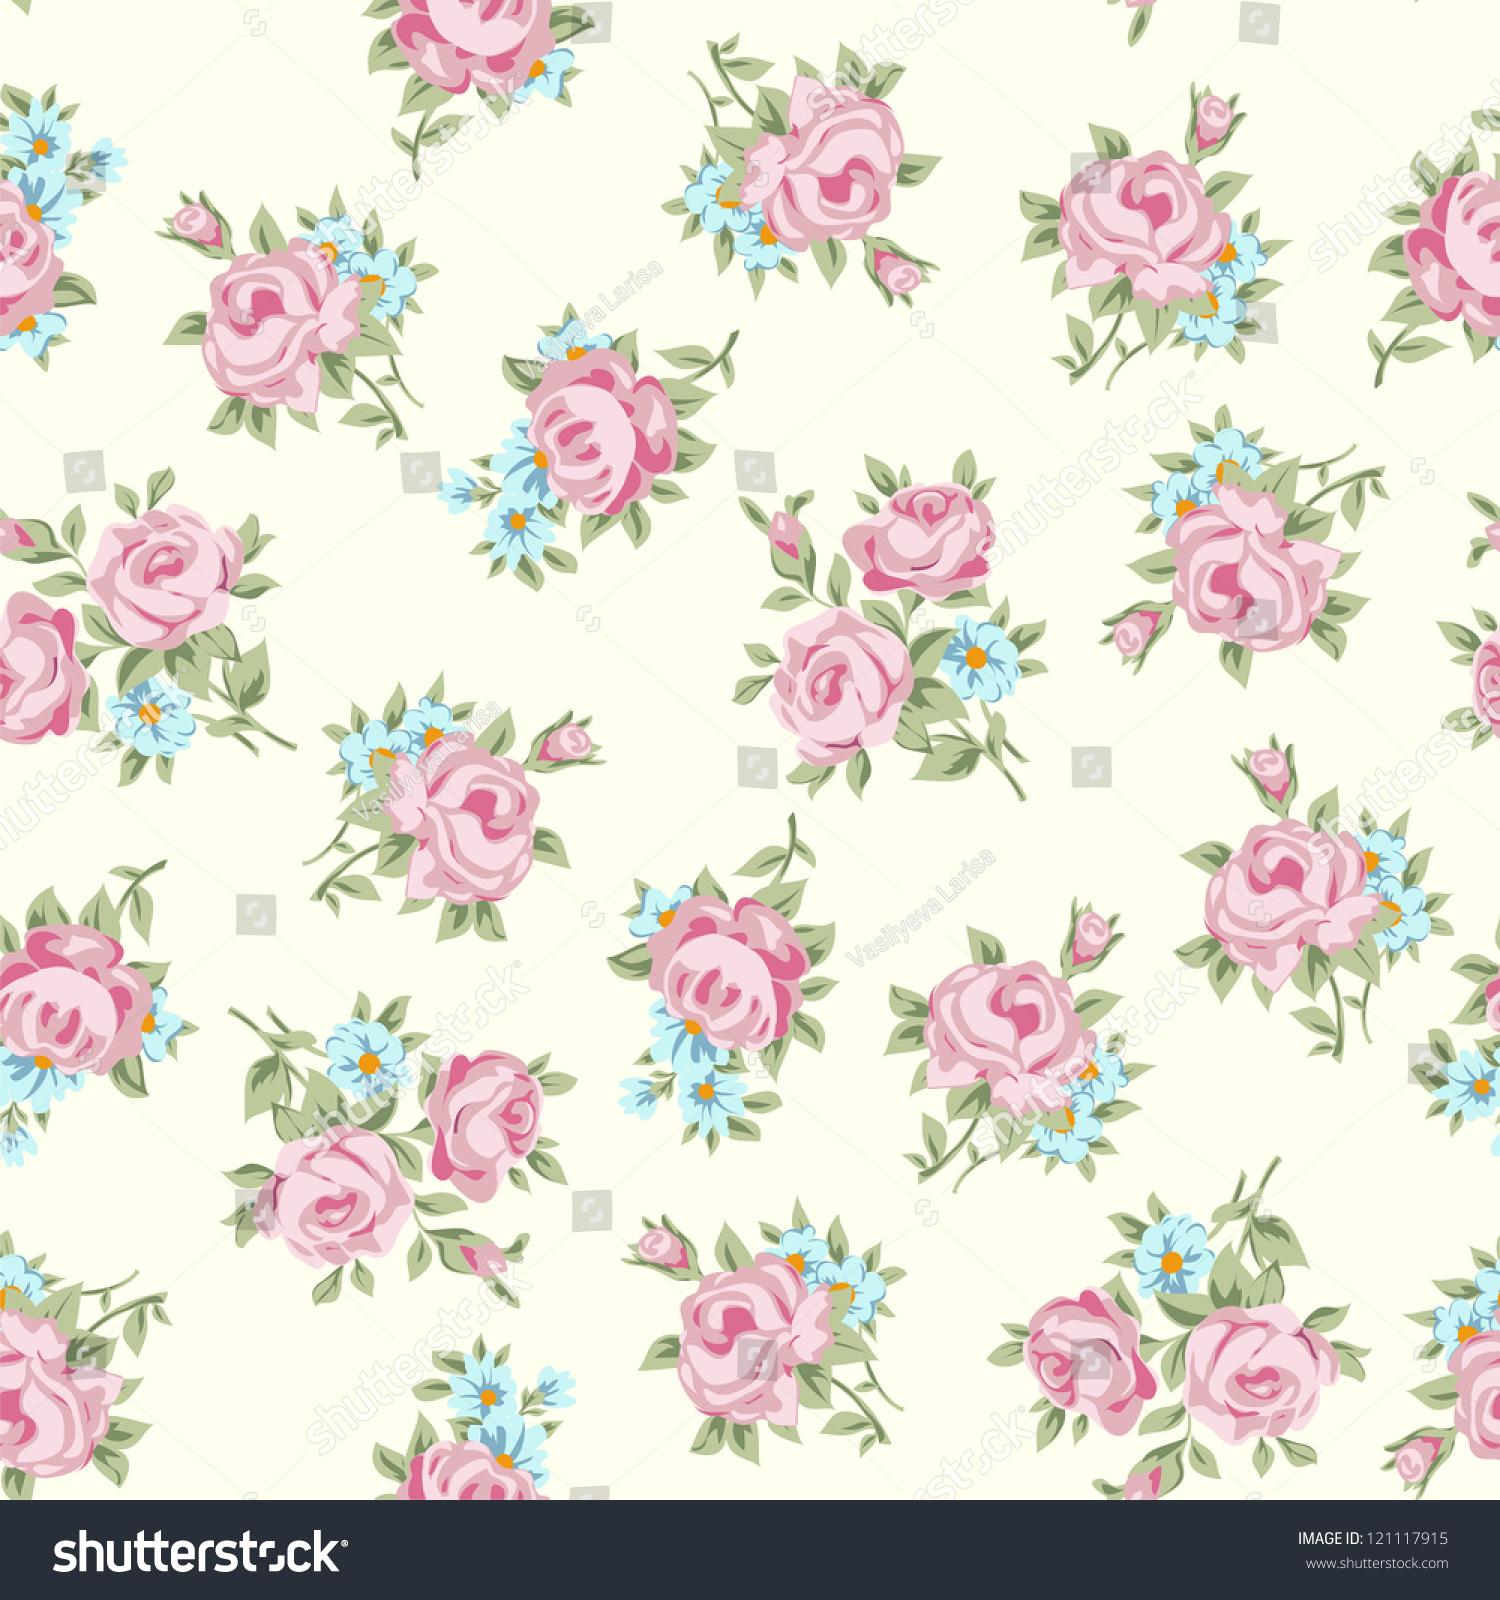 Фоны роз для скрапбукинга 3 фотография